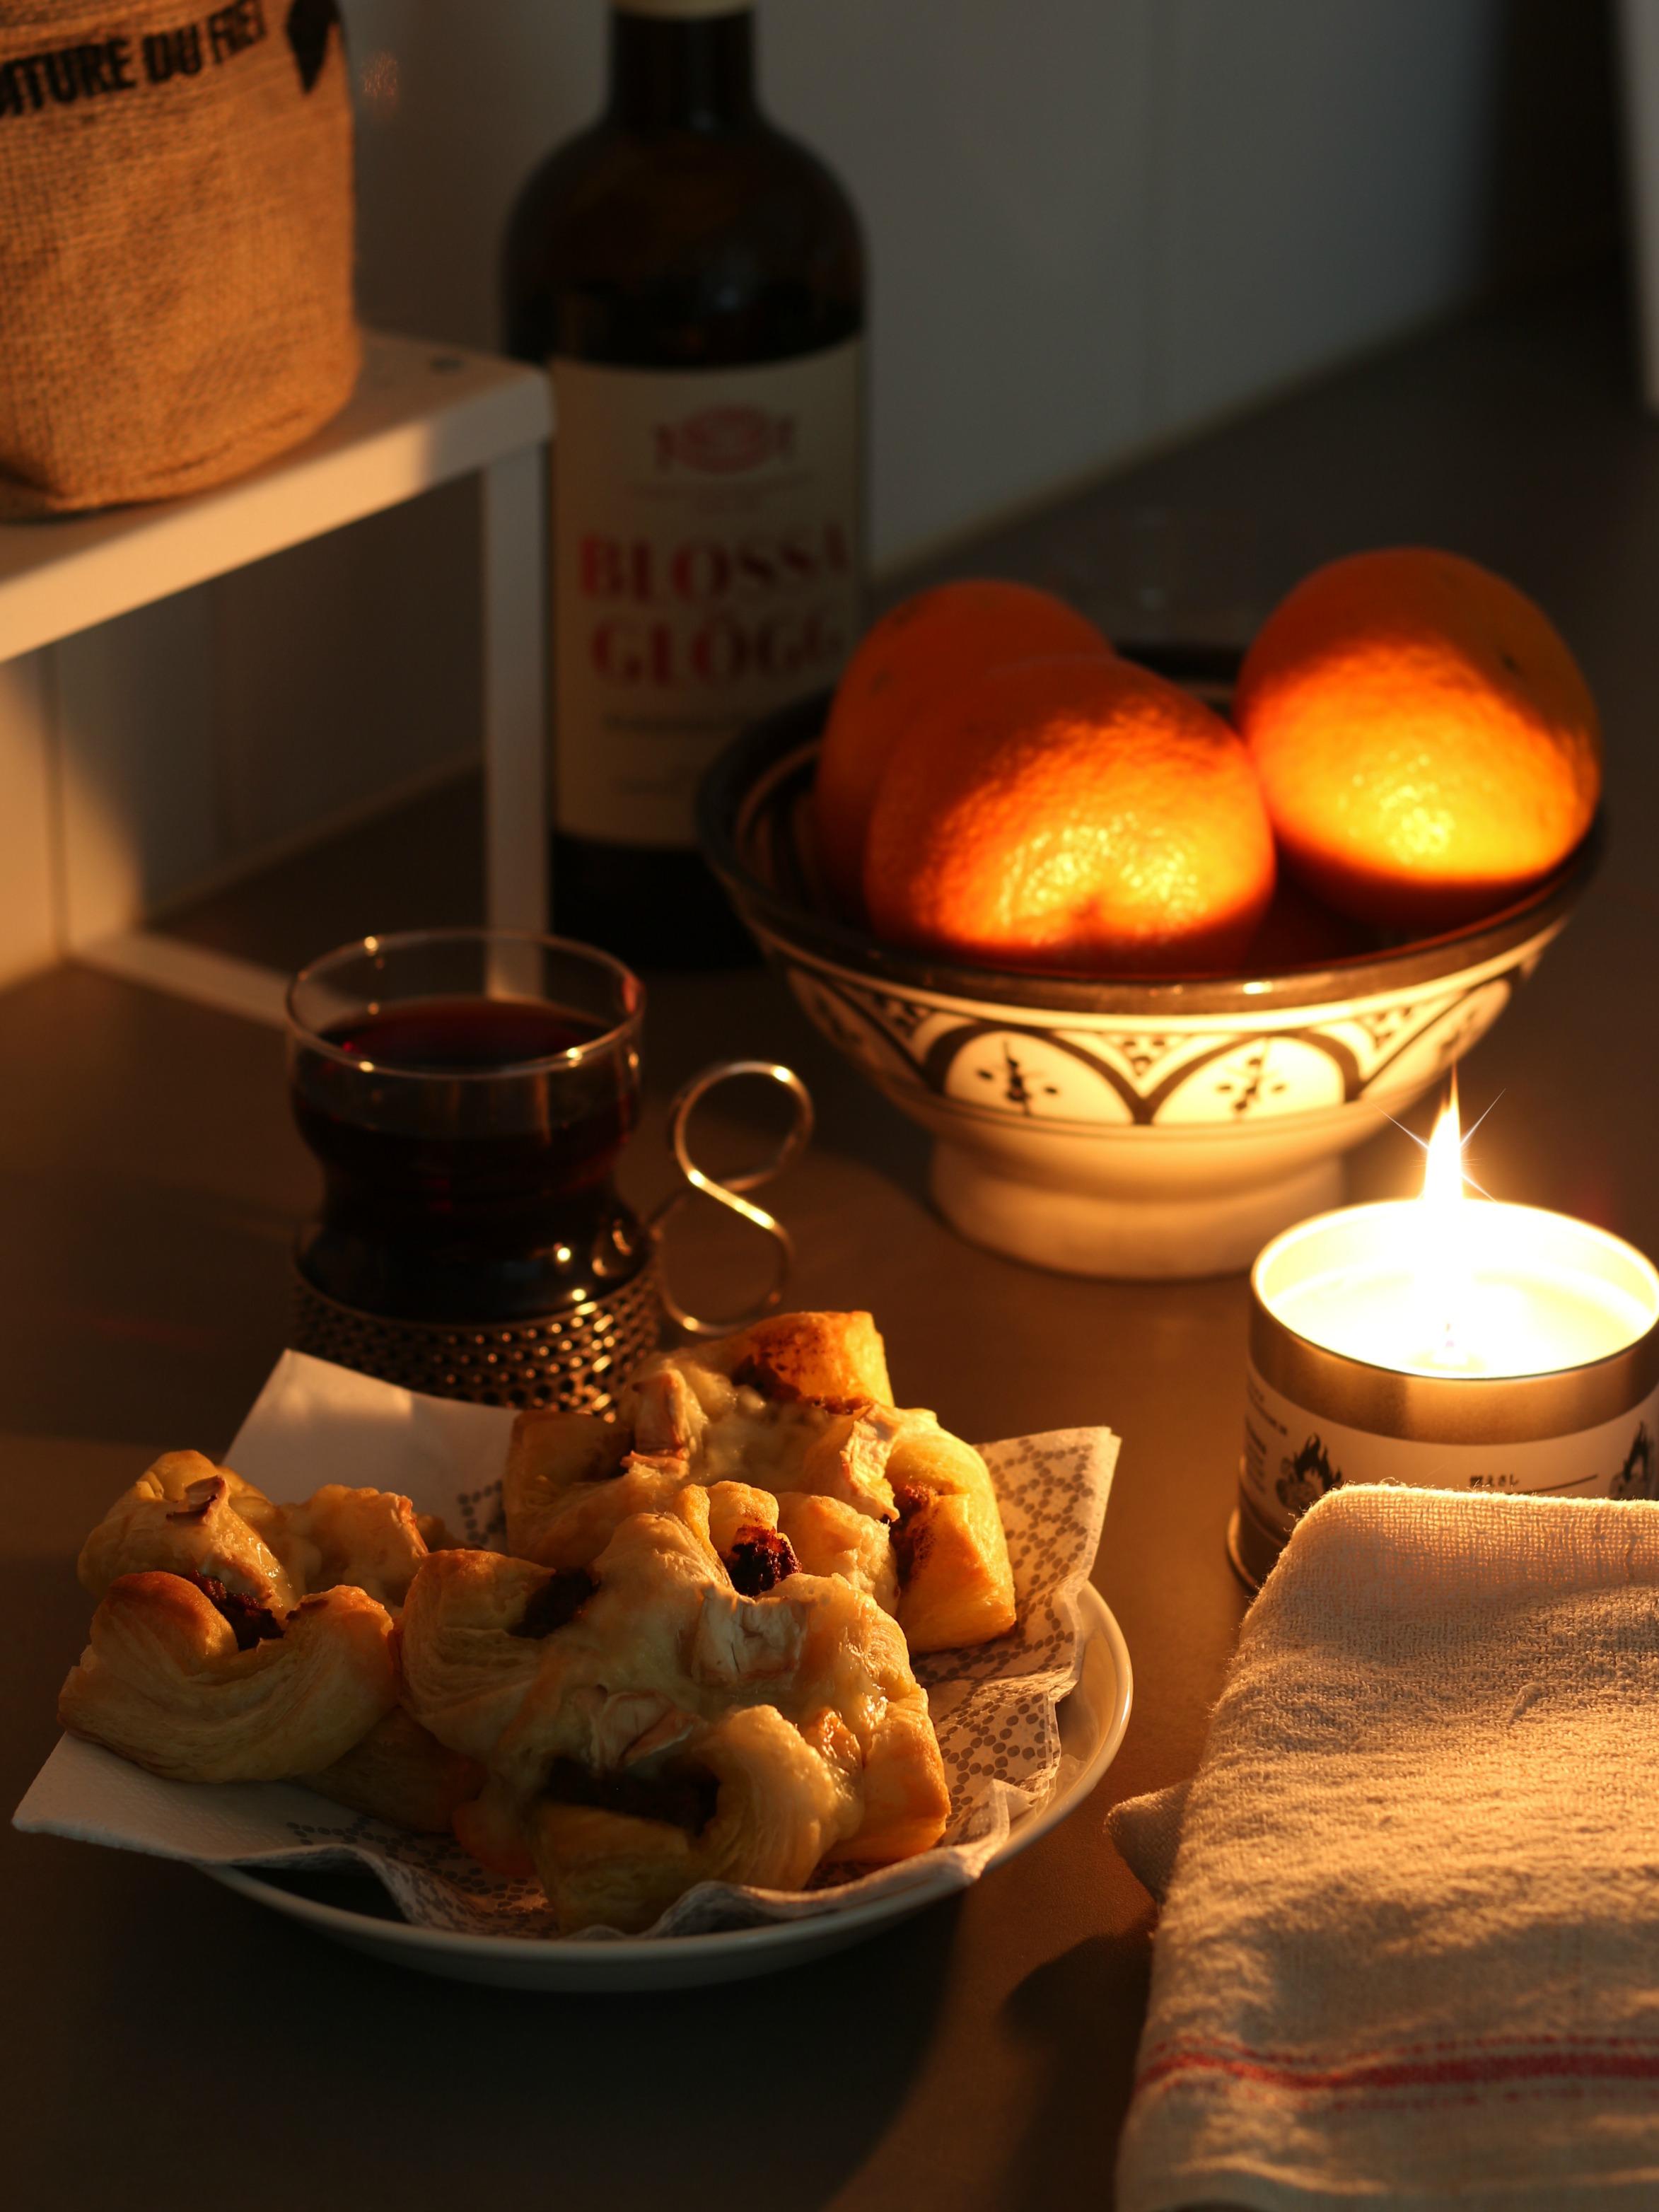 Joulukalenteri CASA suolainen homejuusto-pesto torttu resepti